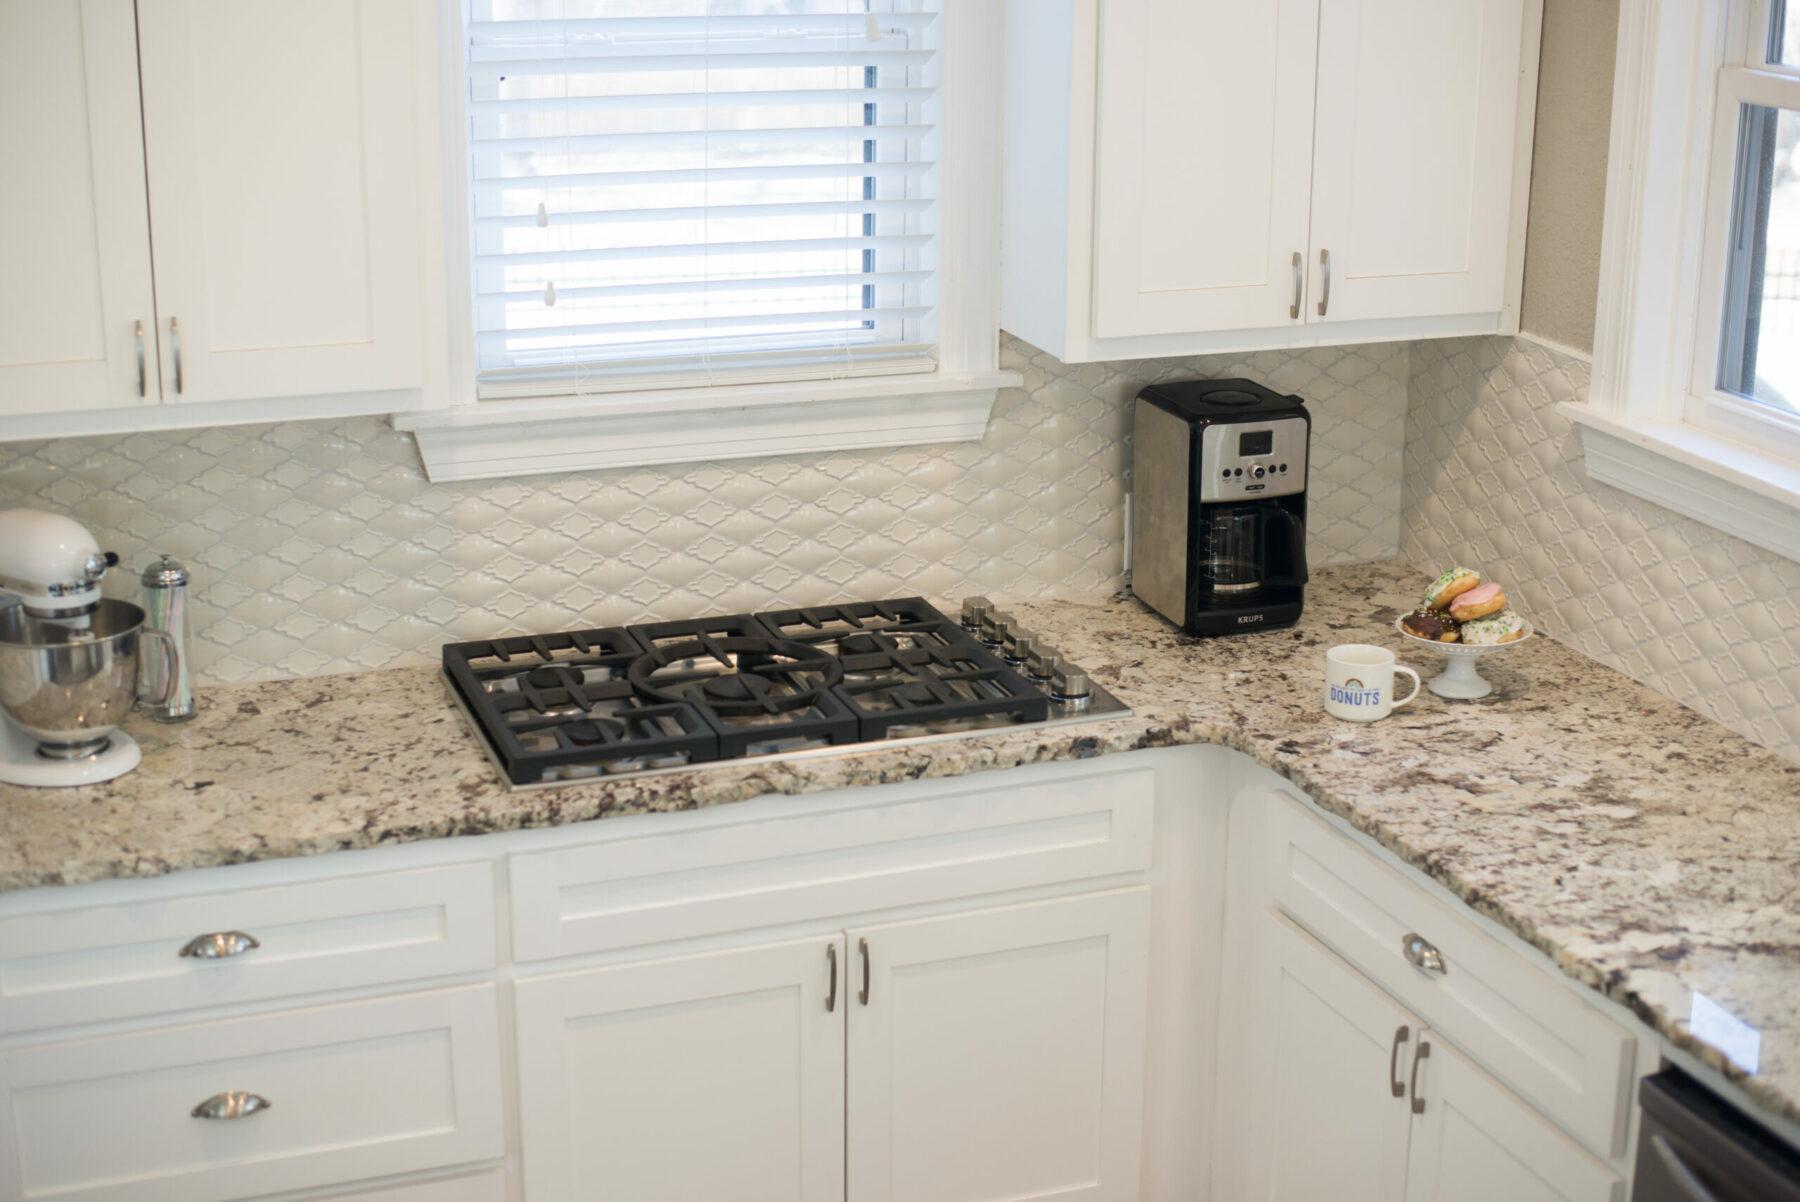 Kitchen Backsplash Update With Mill Creek Carpet Tile